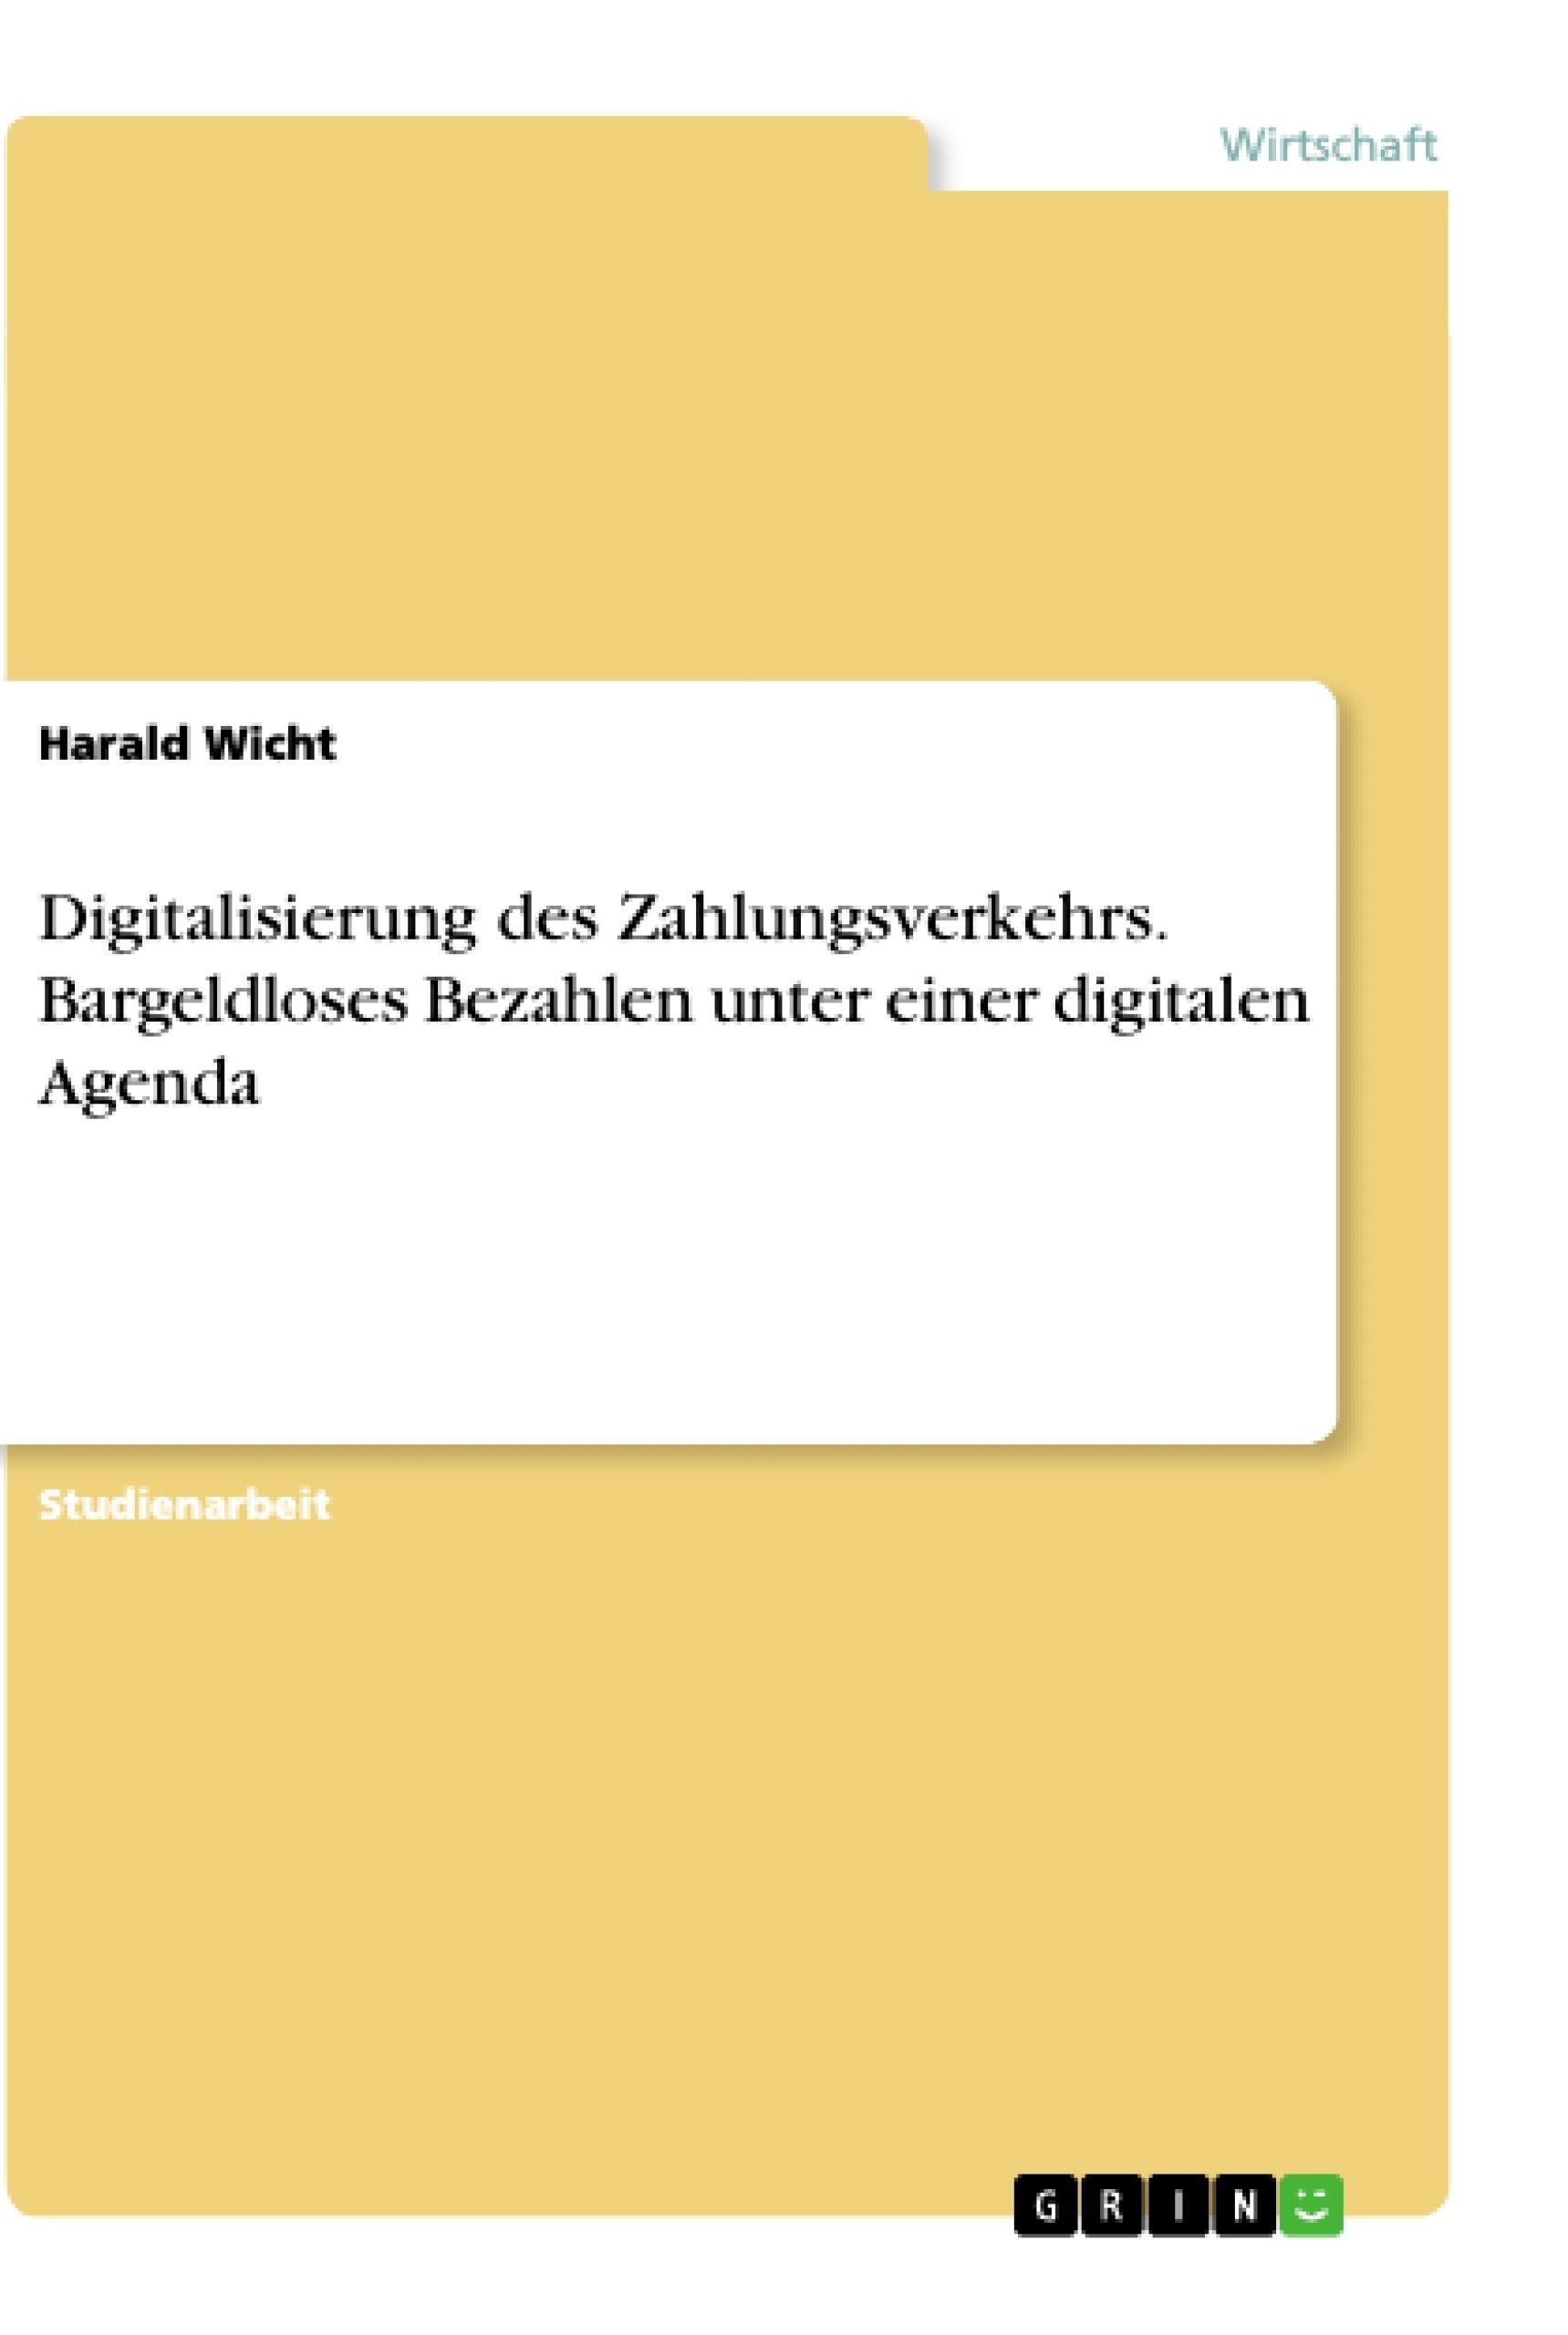 Titel: Digitalisierung des Zahlungsverkehrs. Bargeldloses Bezahlen unter einer digitalen Agenda